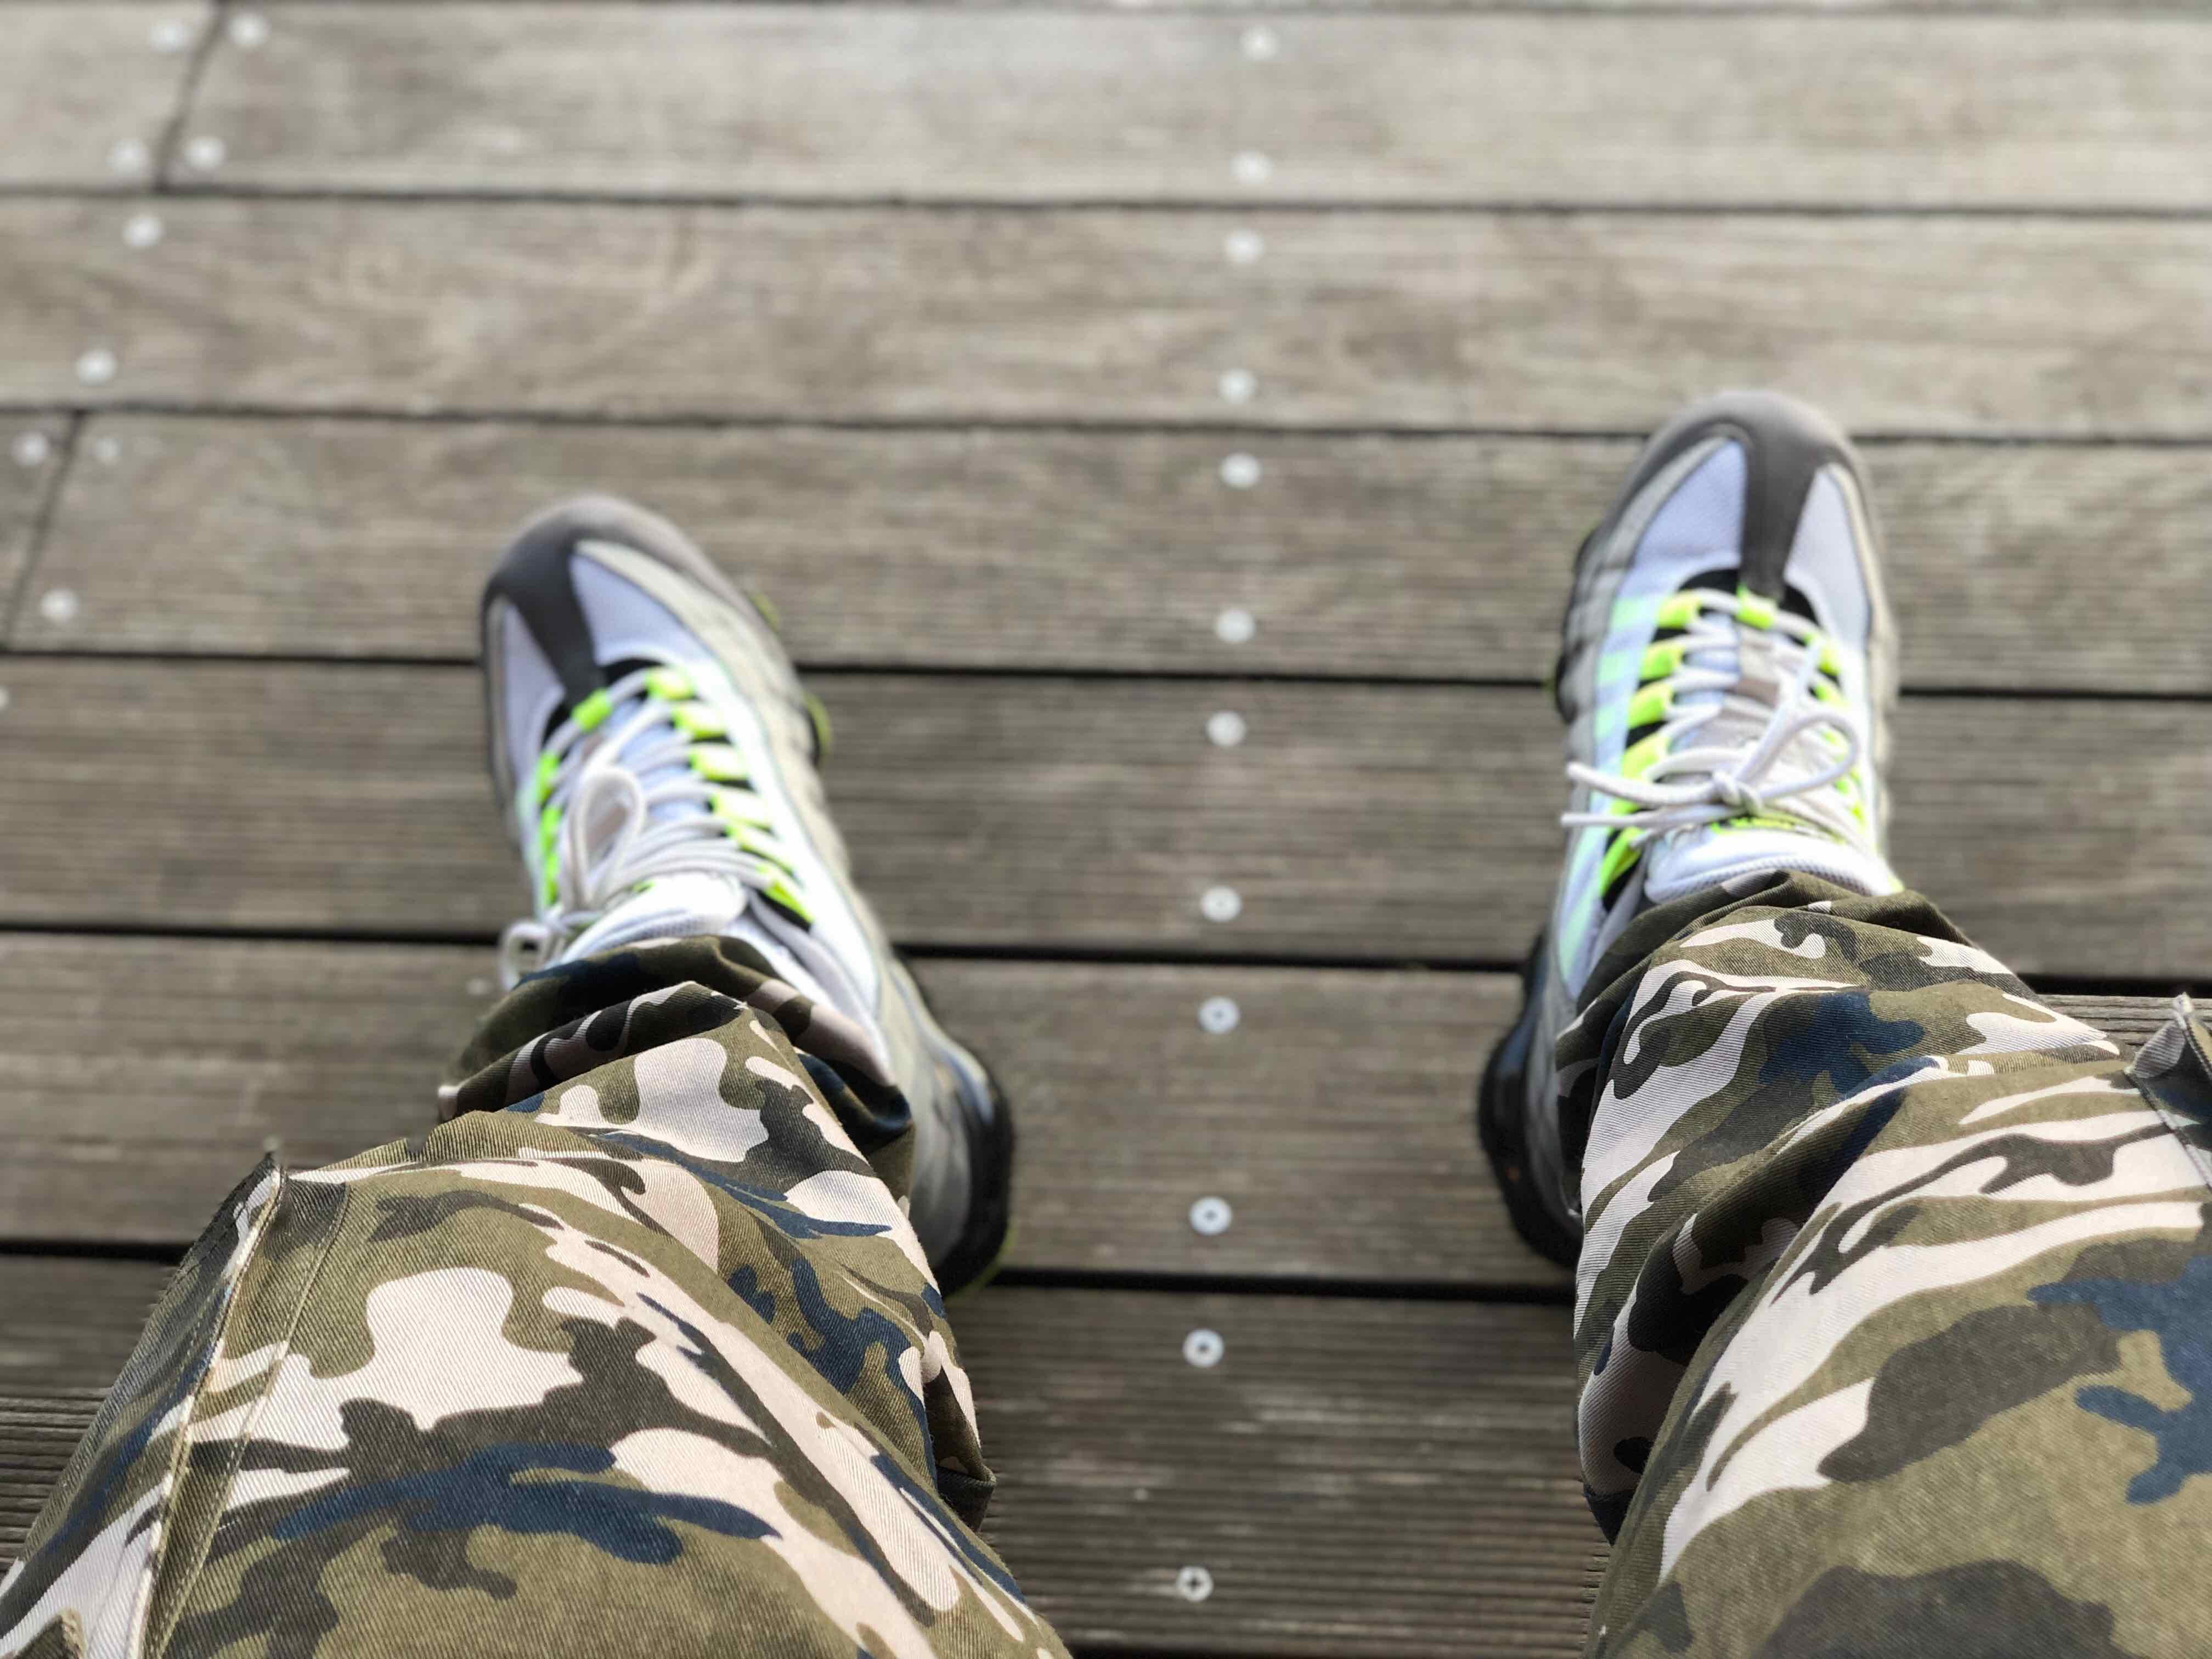 サイコーの履き心地 色合いもよいです #NIKE# #イエローグラデ